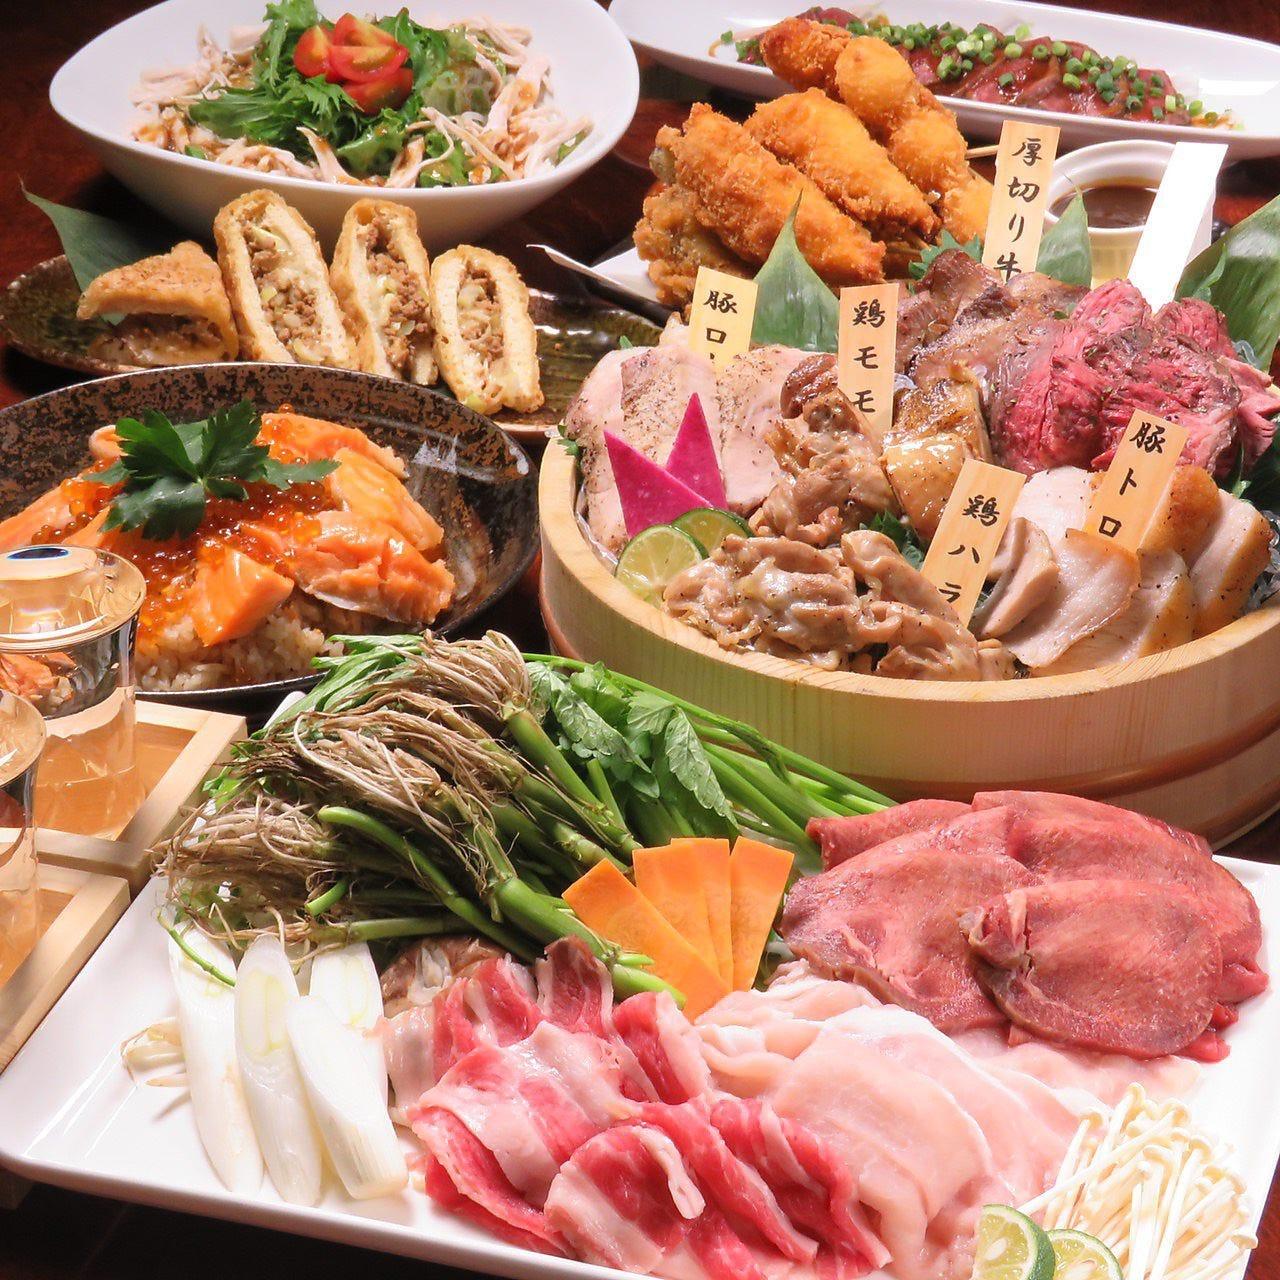 【当店名物コース】肉の桶盛りorせりと牛タンのしゃぶしゃぶ付コース7品+70品食放+320種飲放付